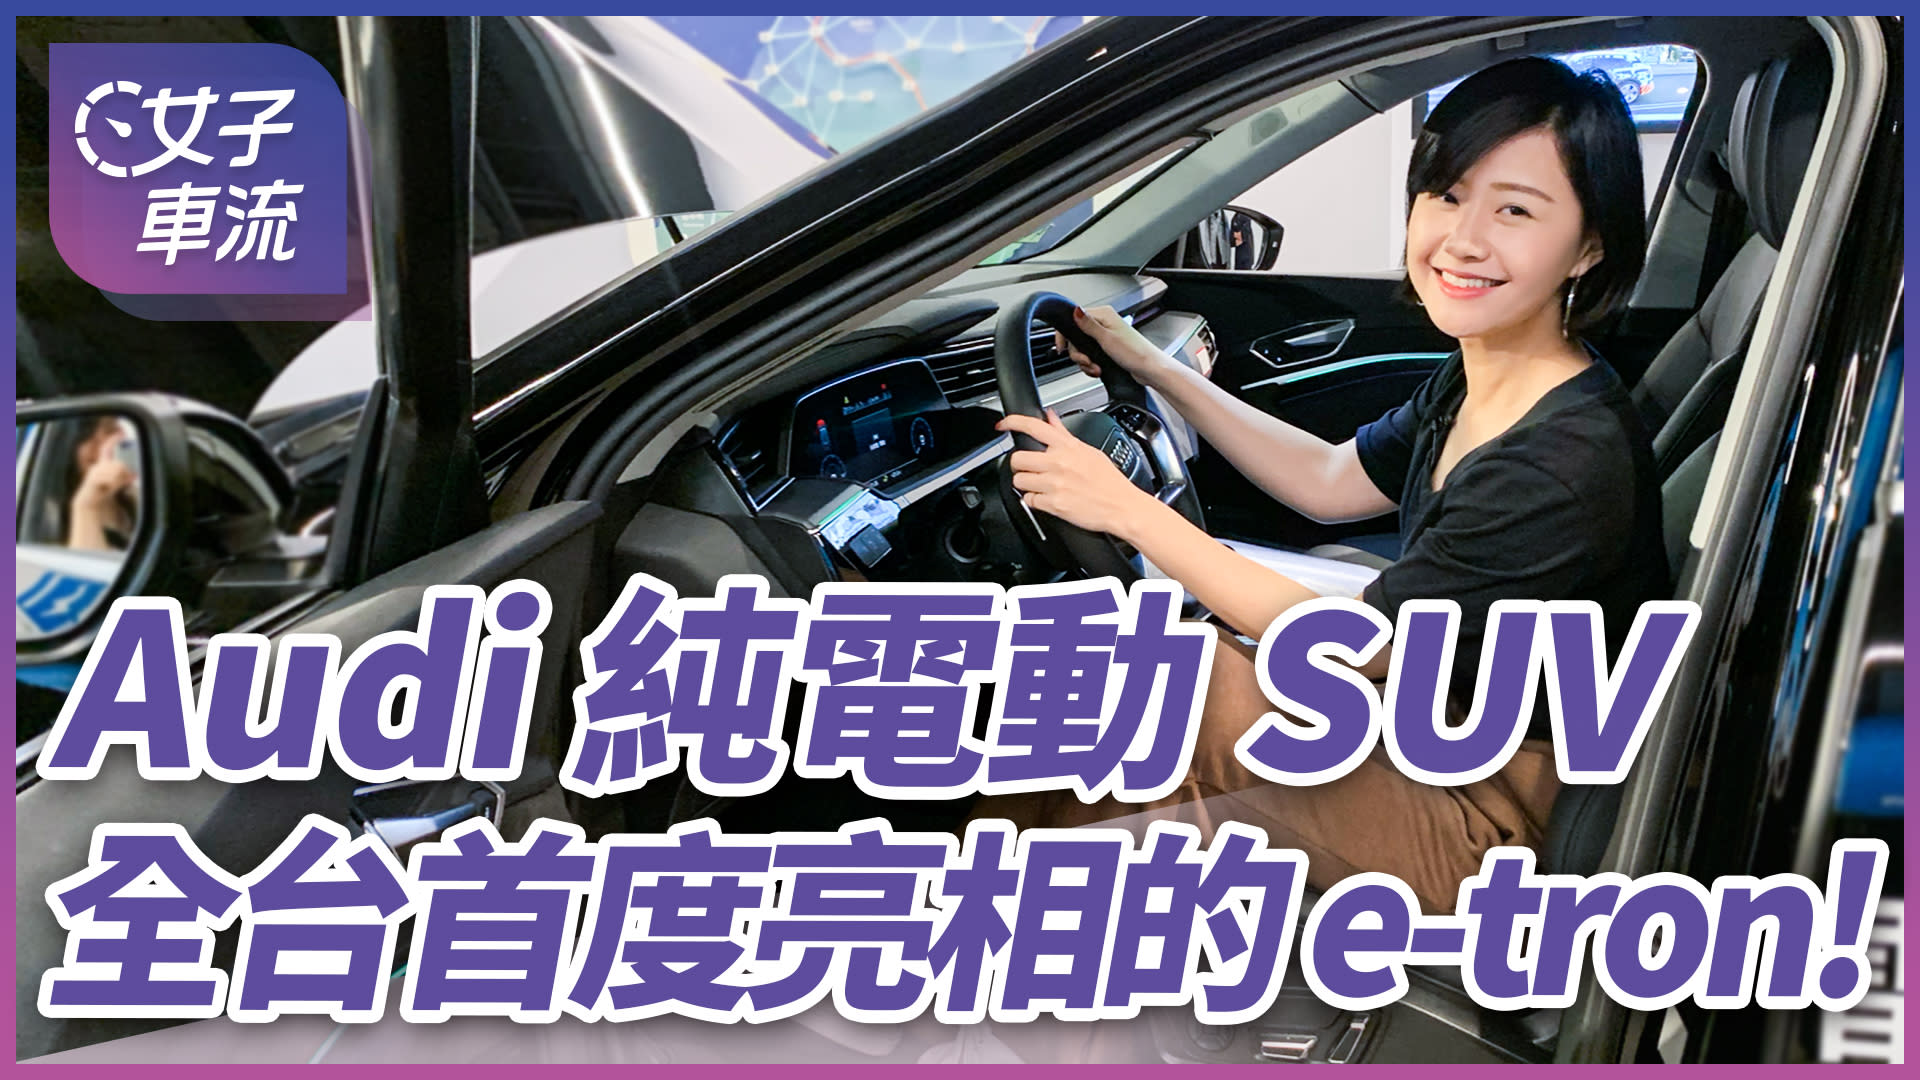 坐進全台首度亮相的 e-tron!Audi 豪華純電動休旅車